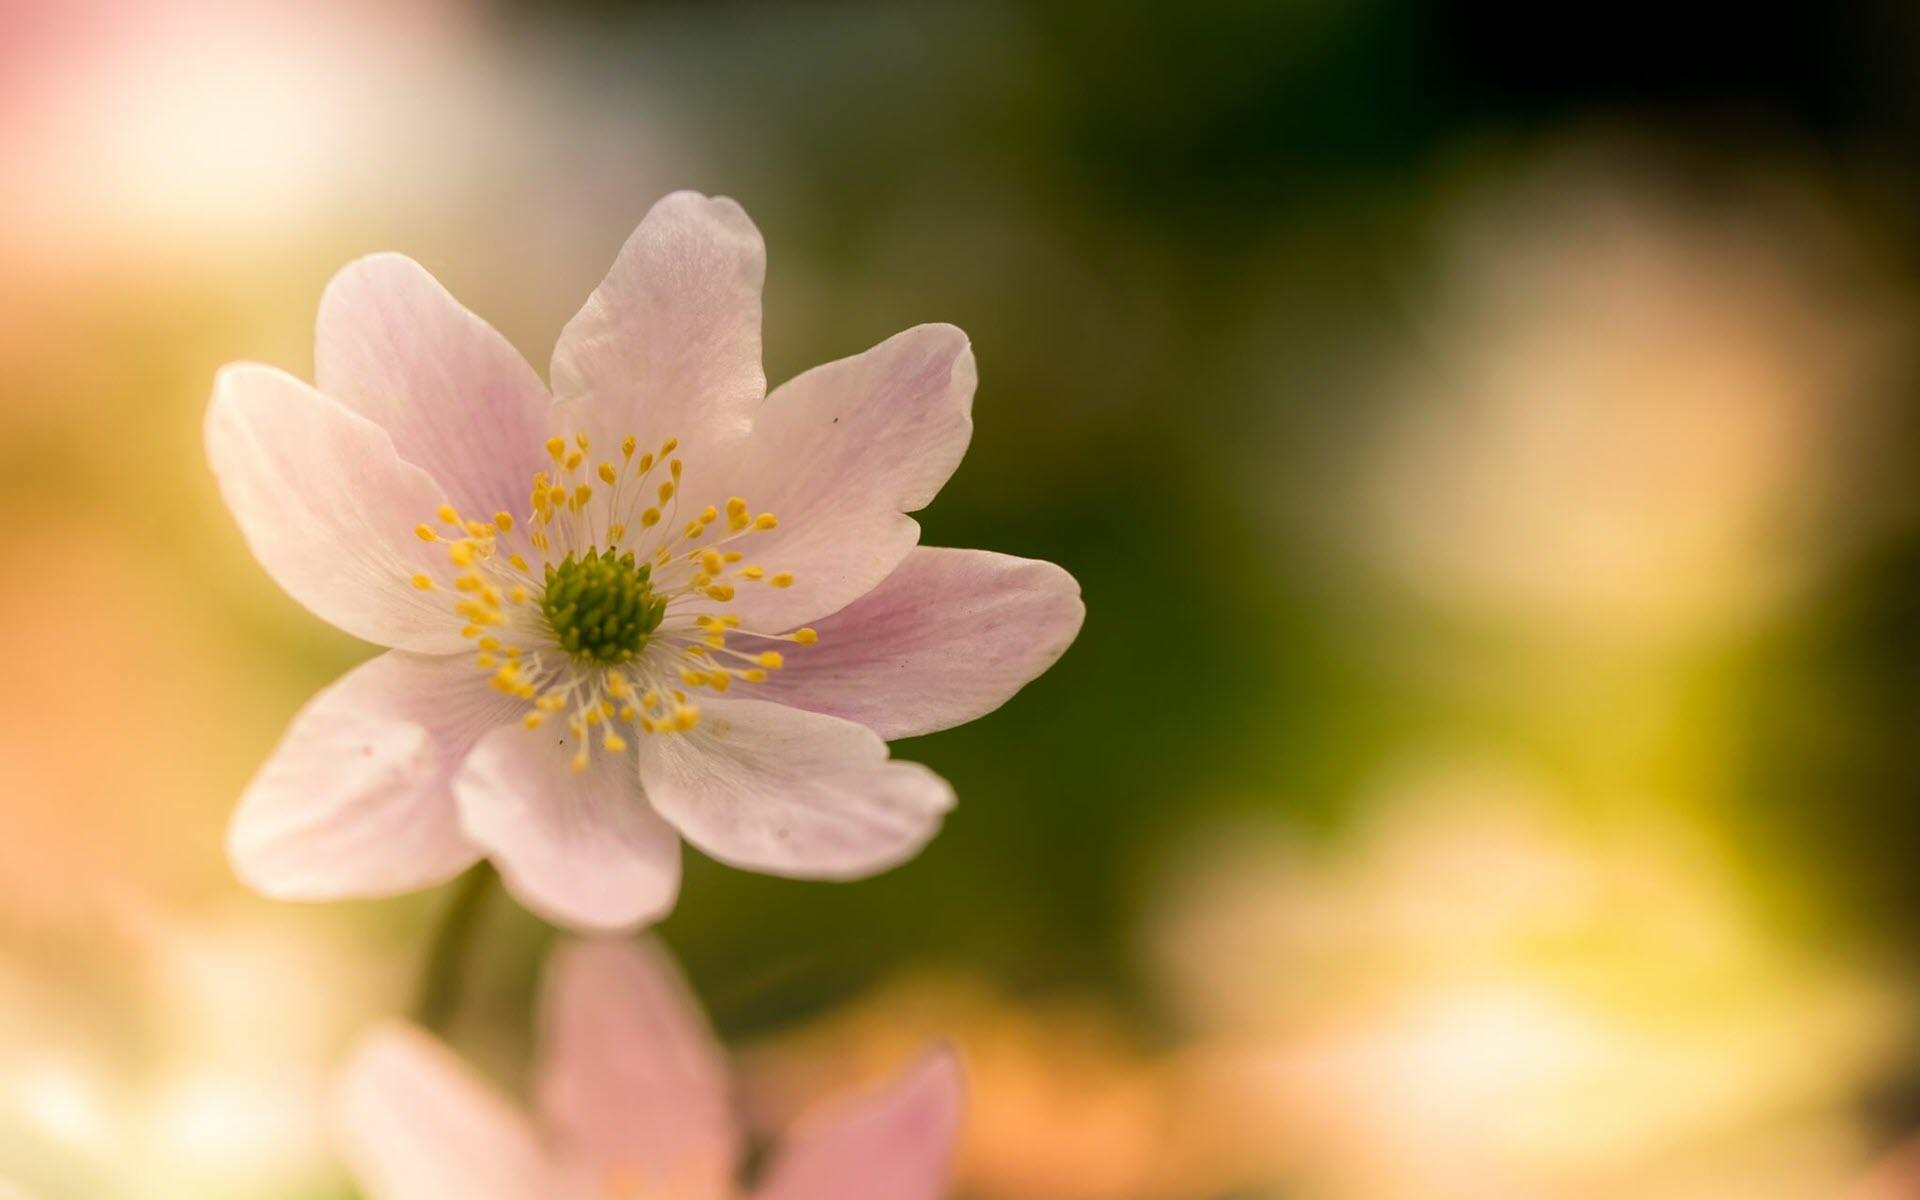 Hình nền mùa xuân trong trẻo